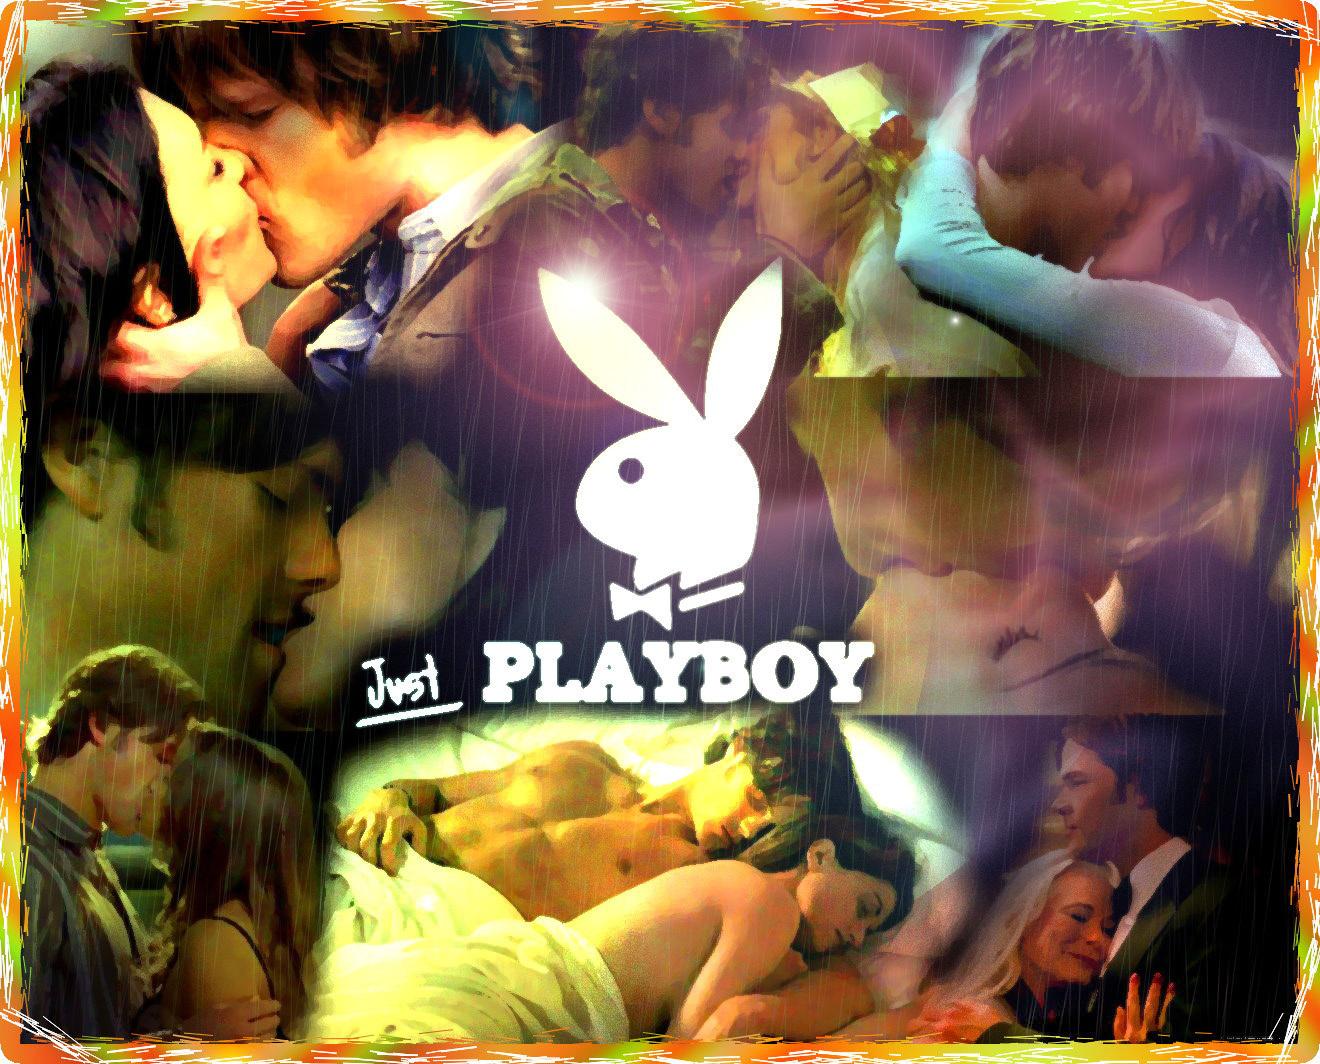 Playboy Sammy